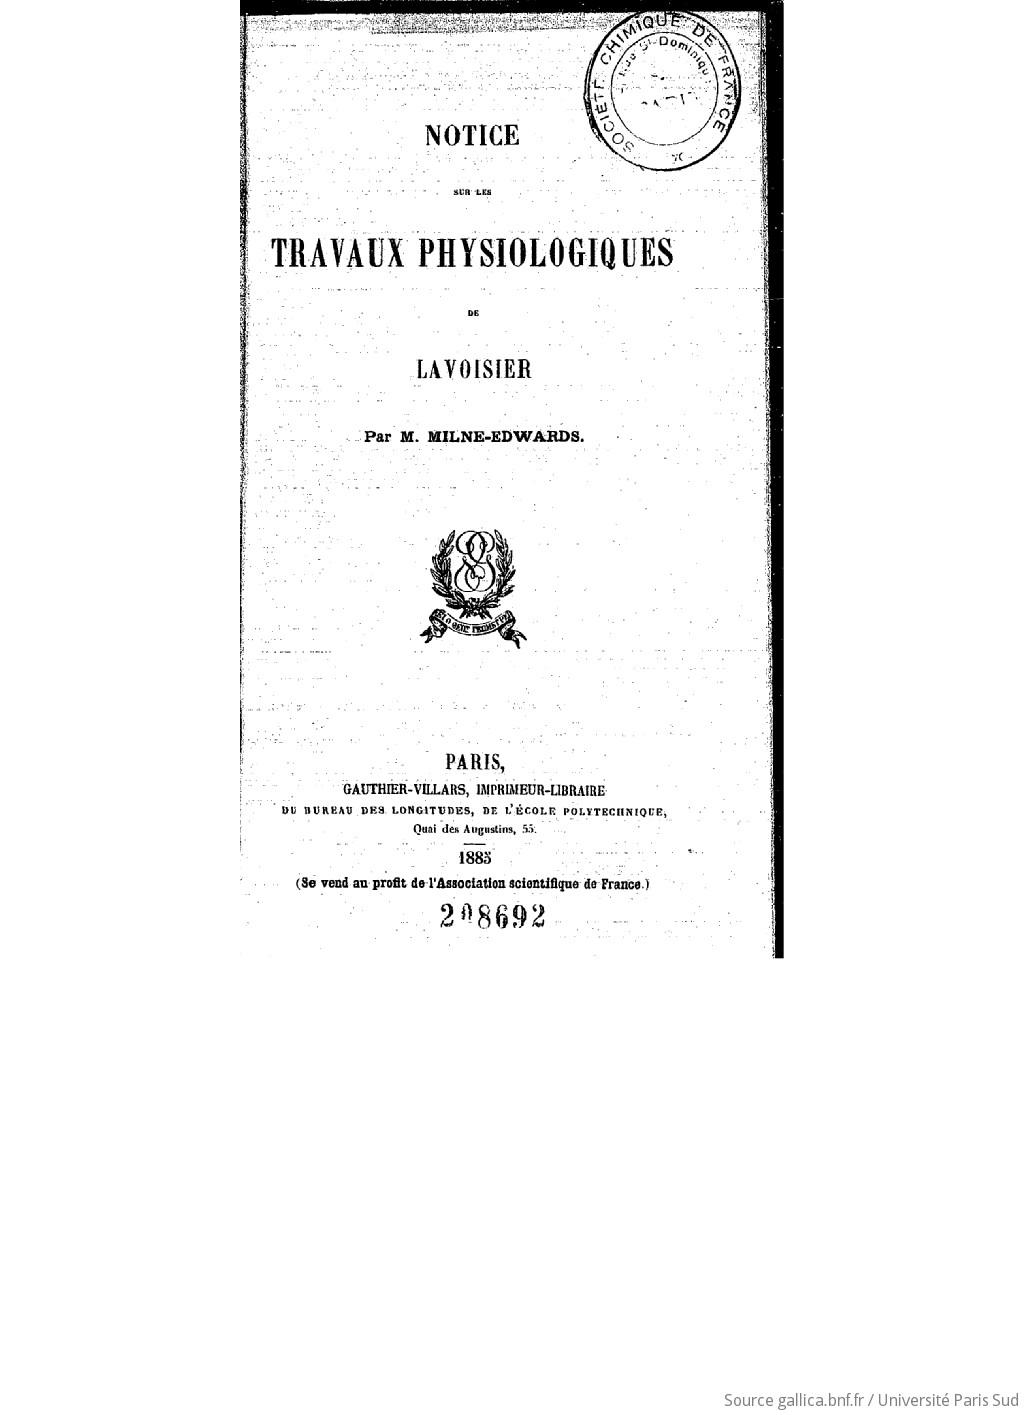 Notice sur les travaux physiologiques de Lavoisier